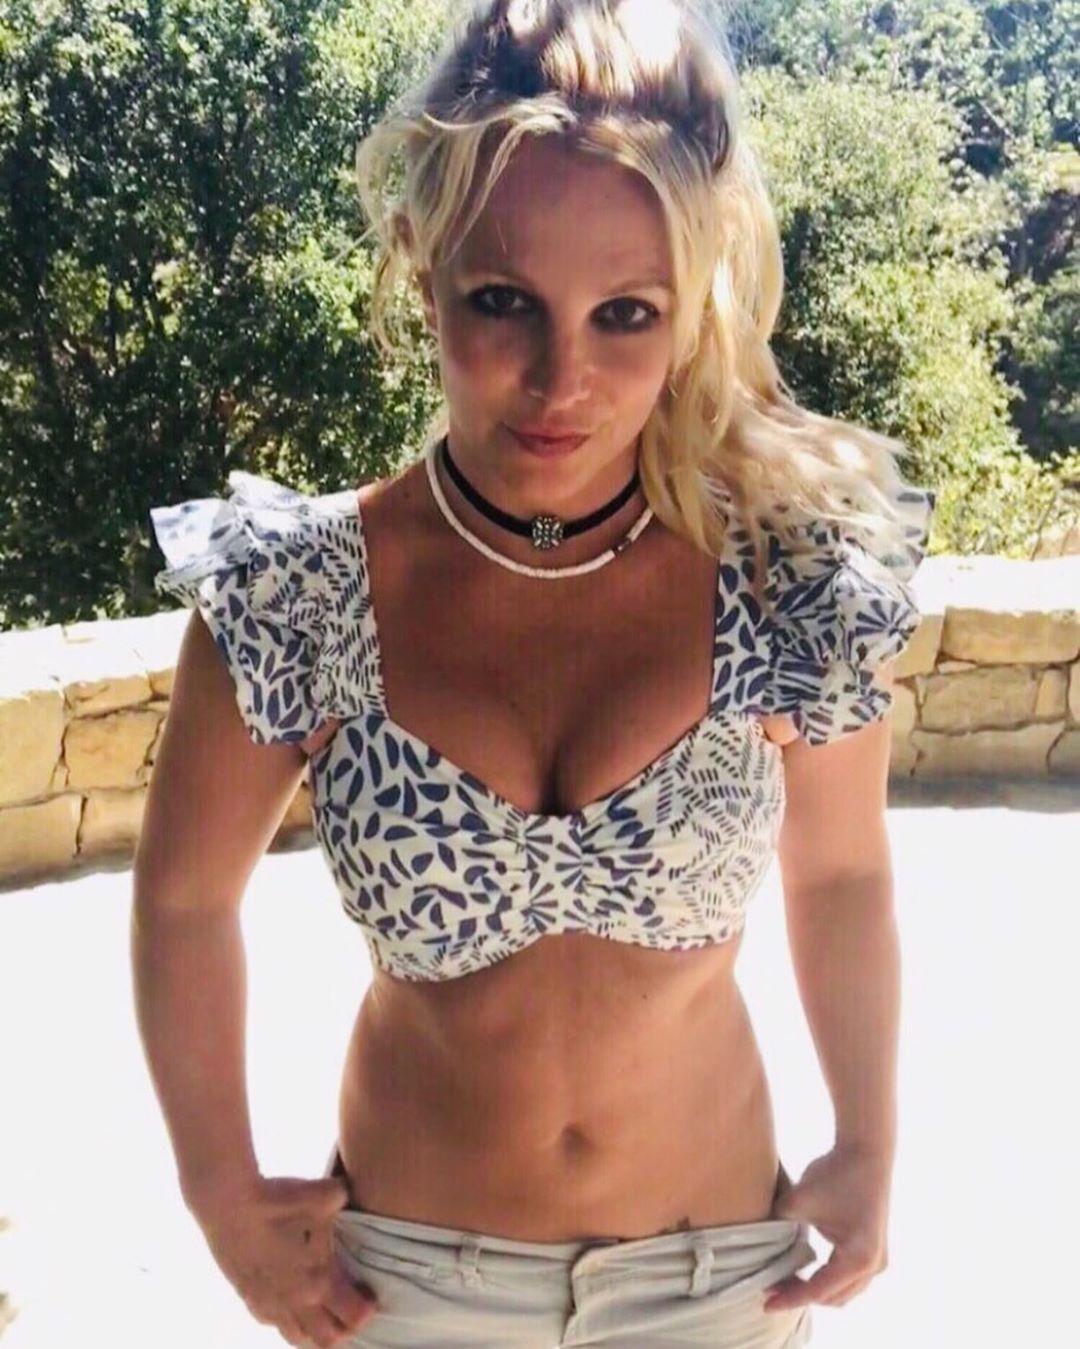 El padre de Britney Spears continuará siendo su tutor al menos hasta el 2021